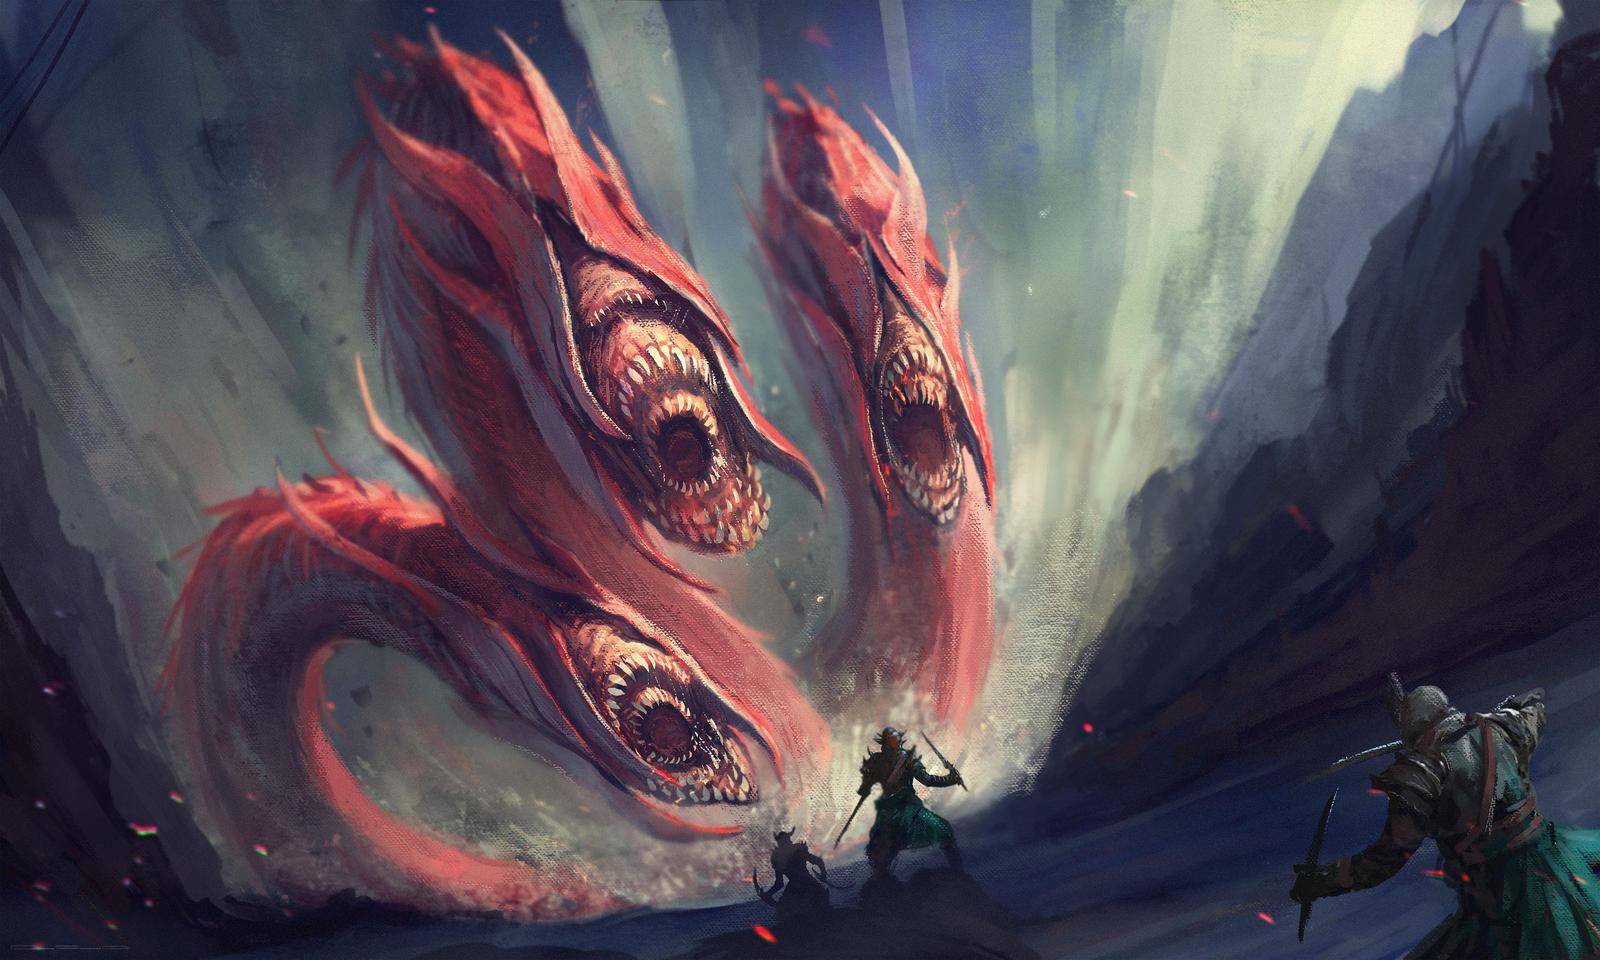 Galeria de Arte: Ficção & Fantasia 1 - Página 5 Three_headed_suckers_by_darkcloud013-d7x6zz7